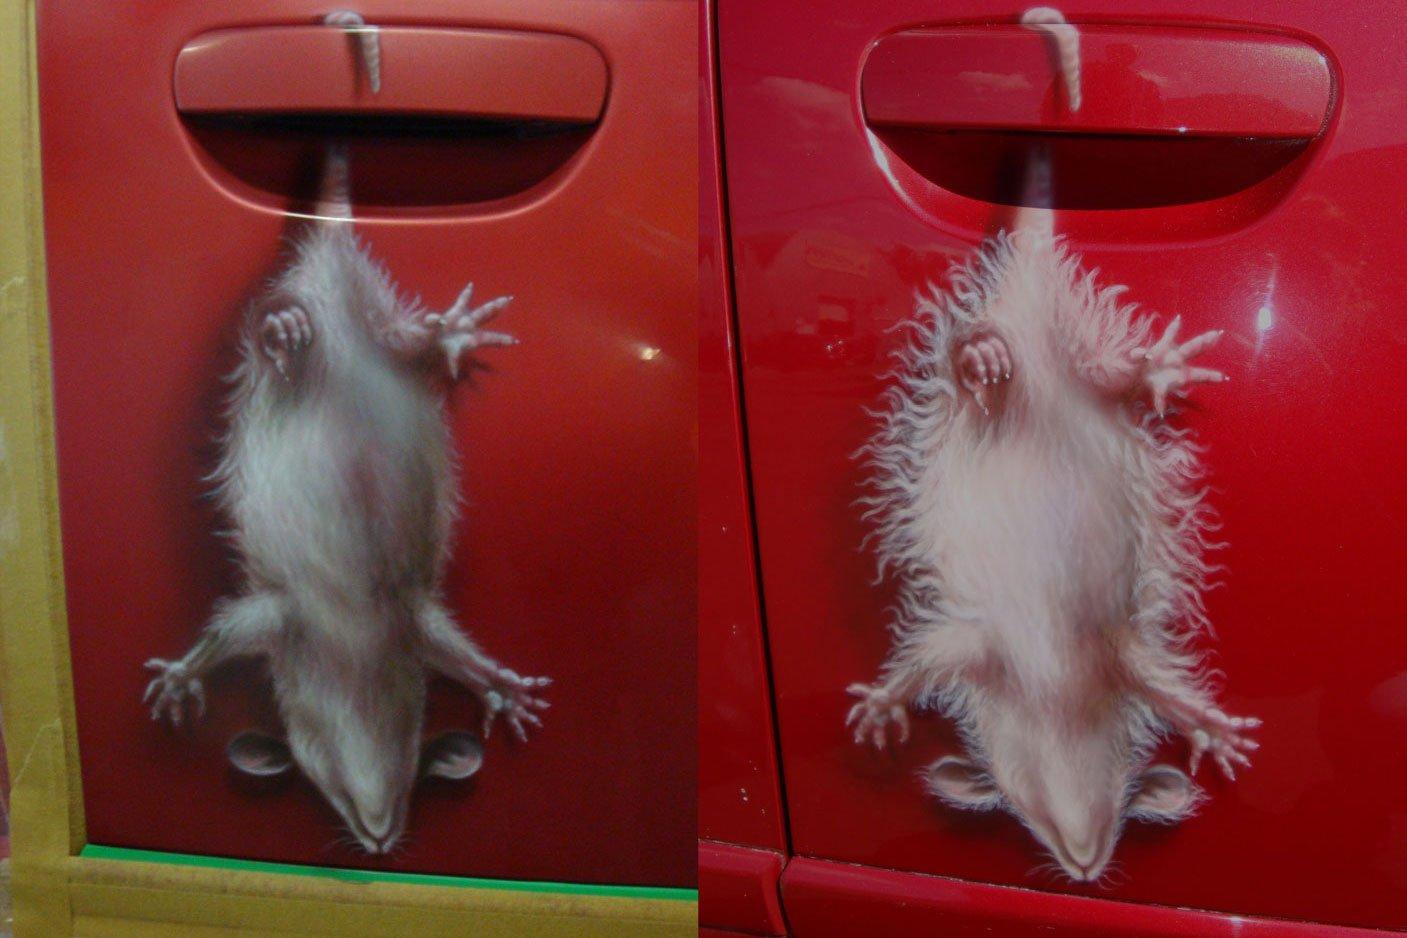 аэрография мыши на машине